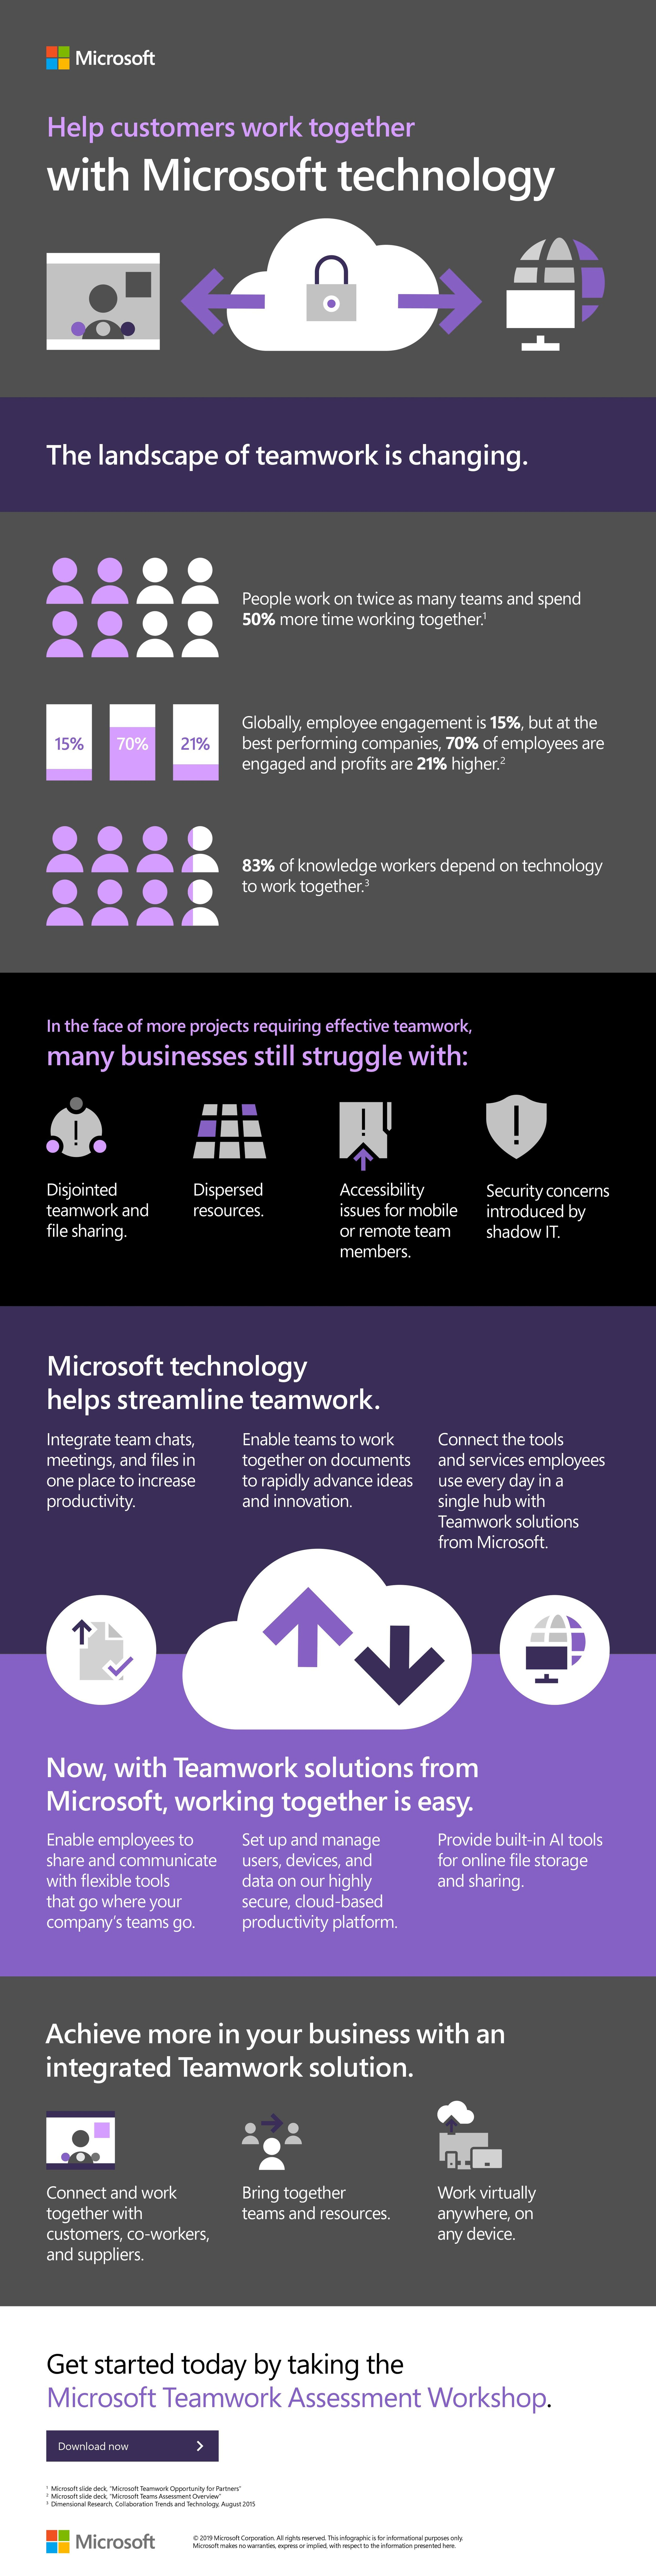 Microsoft teamwork.jpg